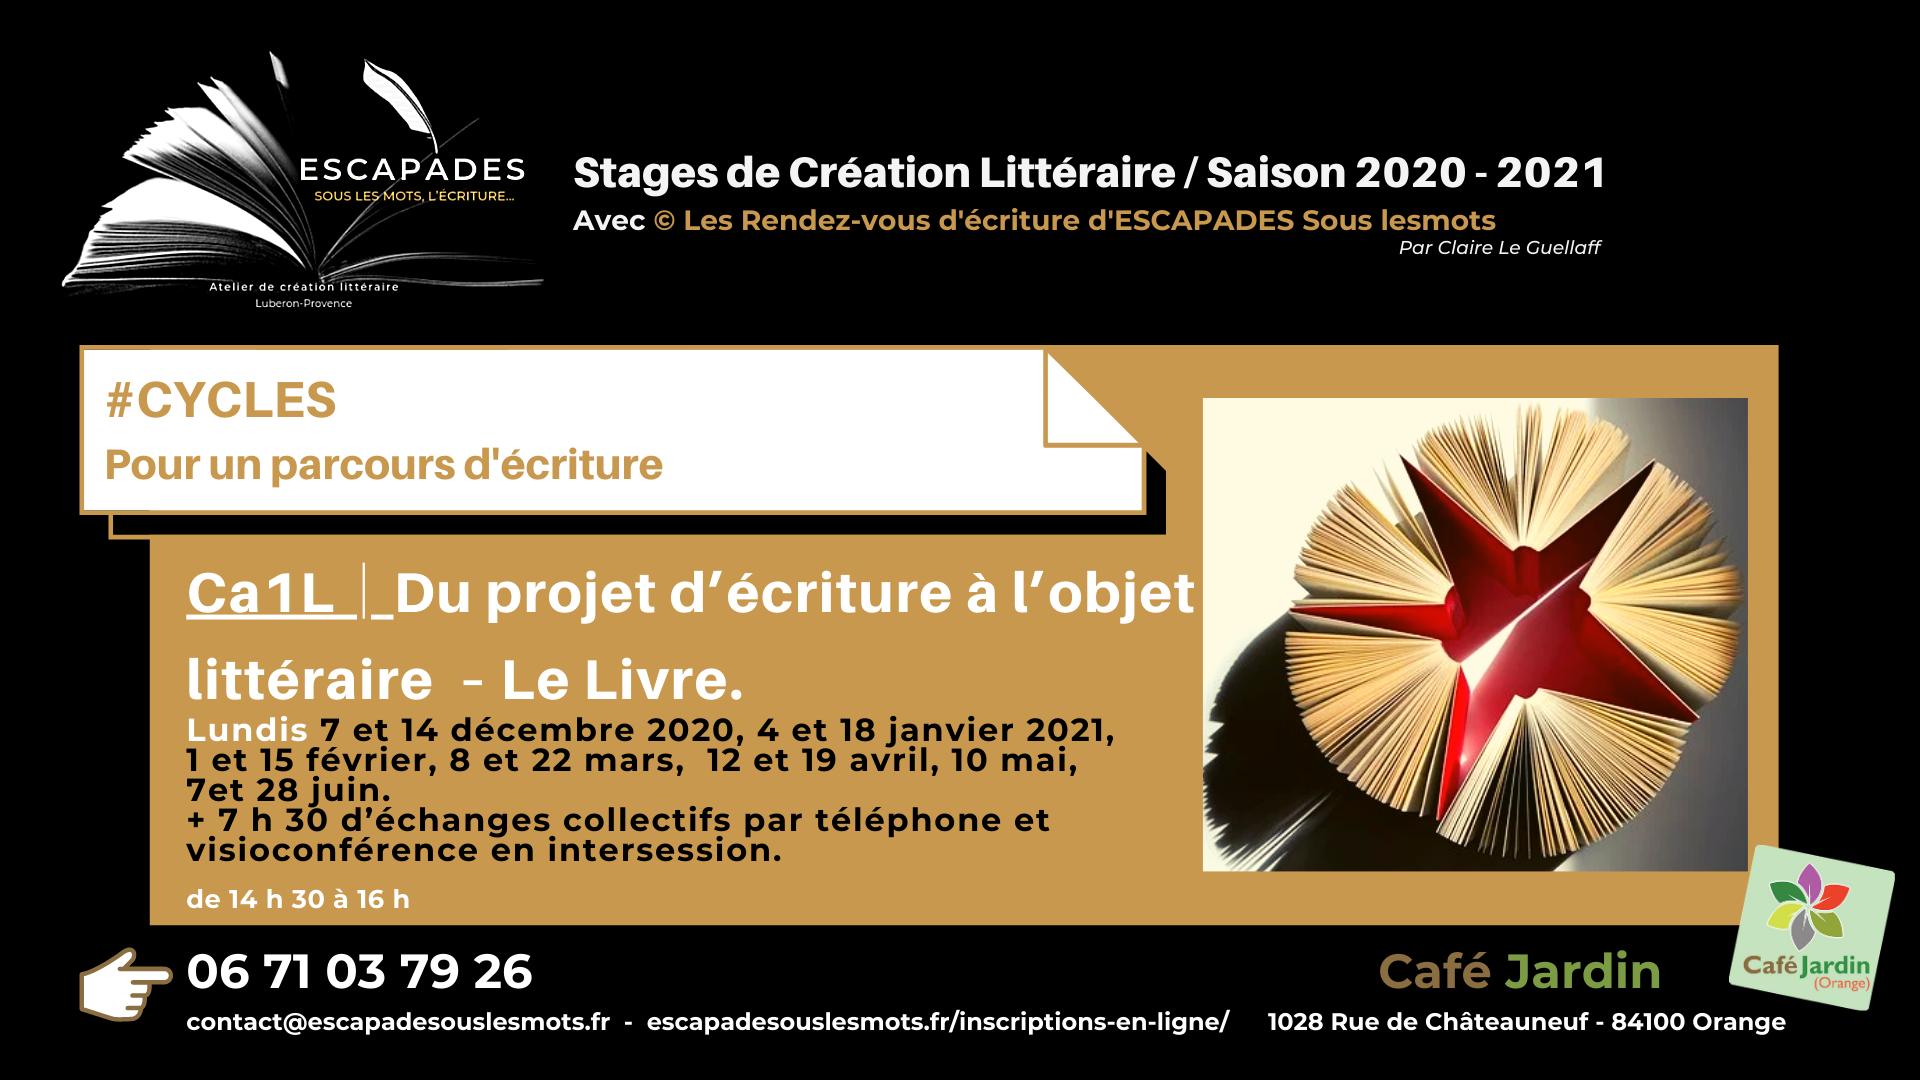 """#CYCLES et accompagnement semi-individuel : """"Du projet d'écriture à l'objet littéraire – Le Livre."""" du 7 décembre 2020 au 28 juin 2021"""